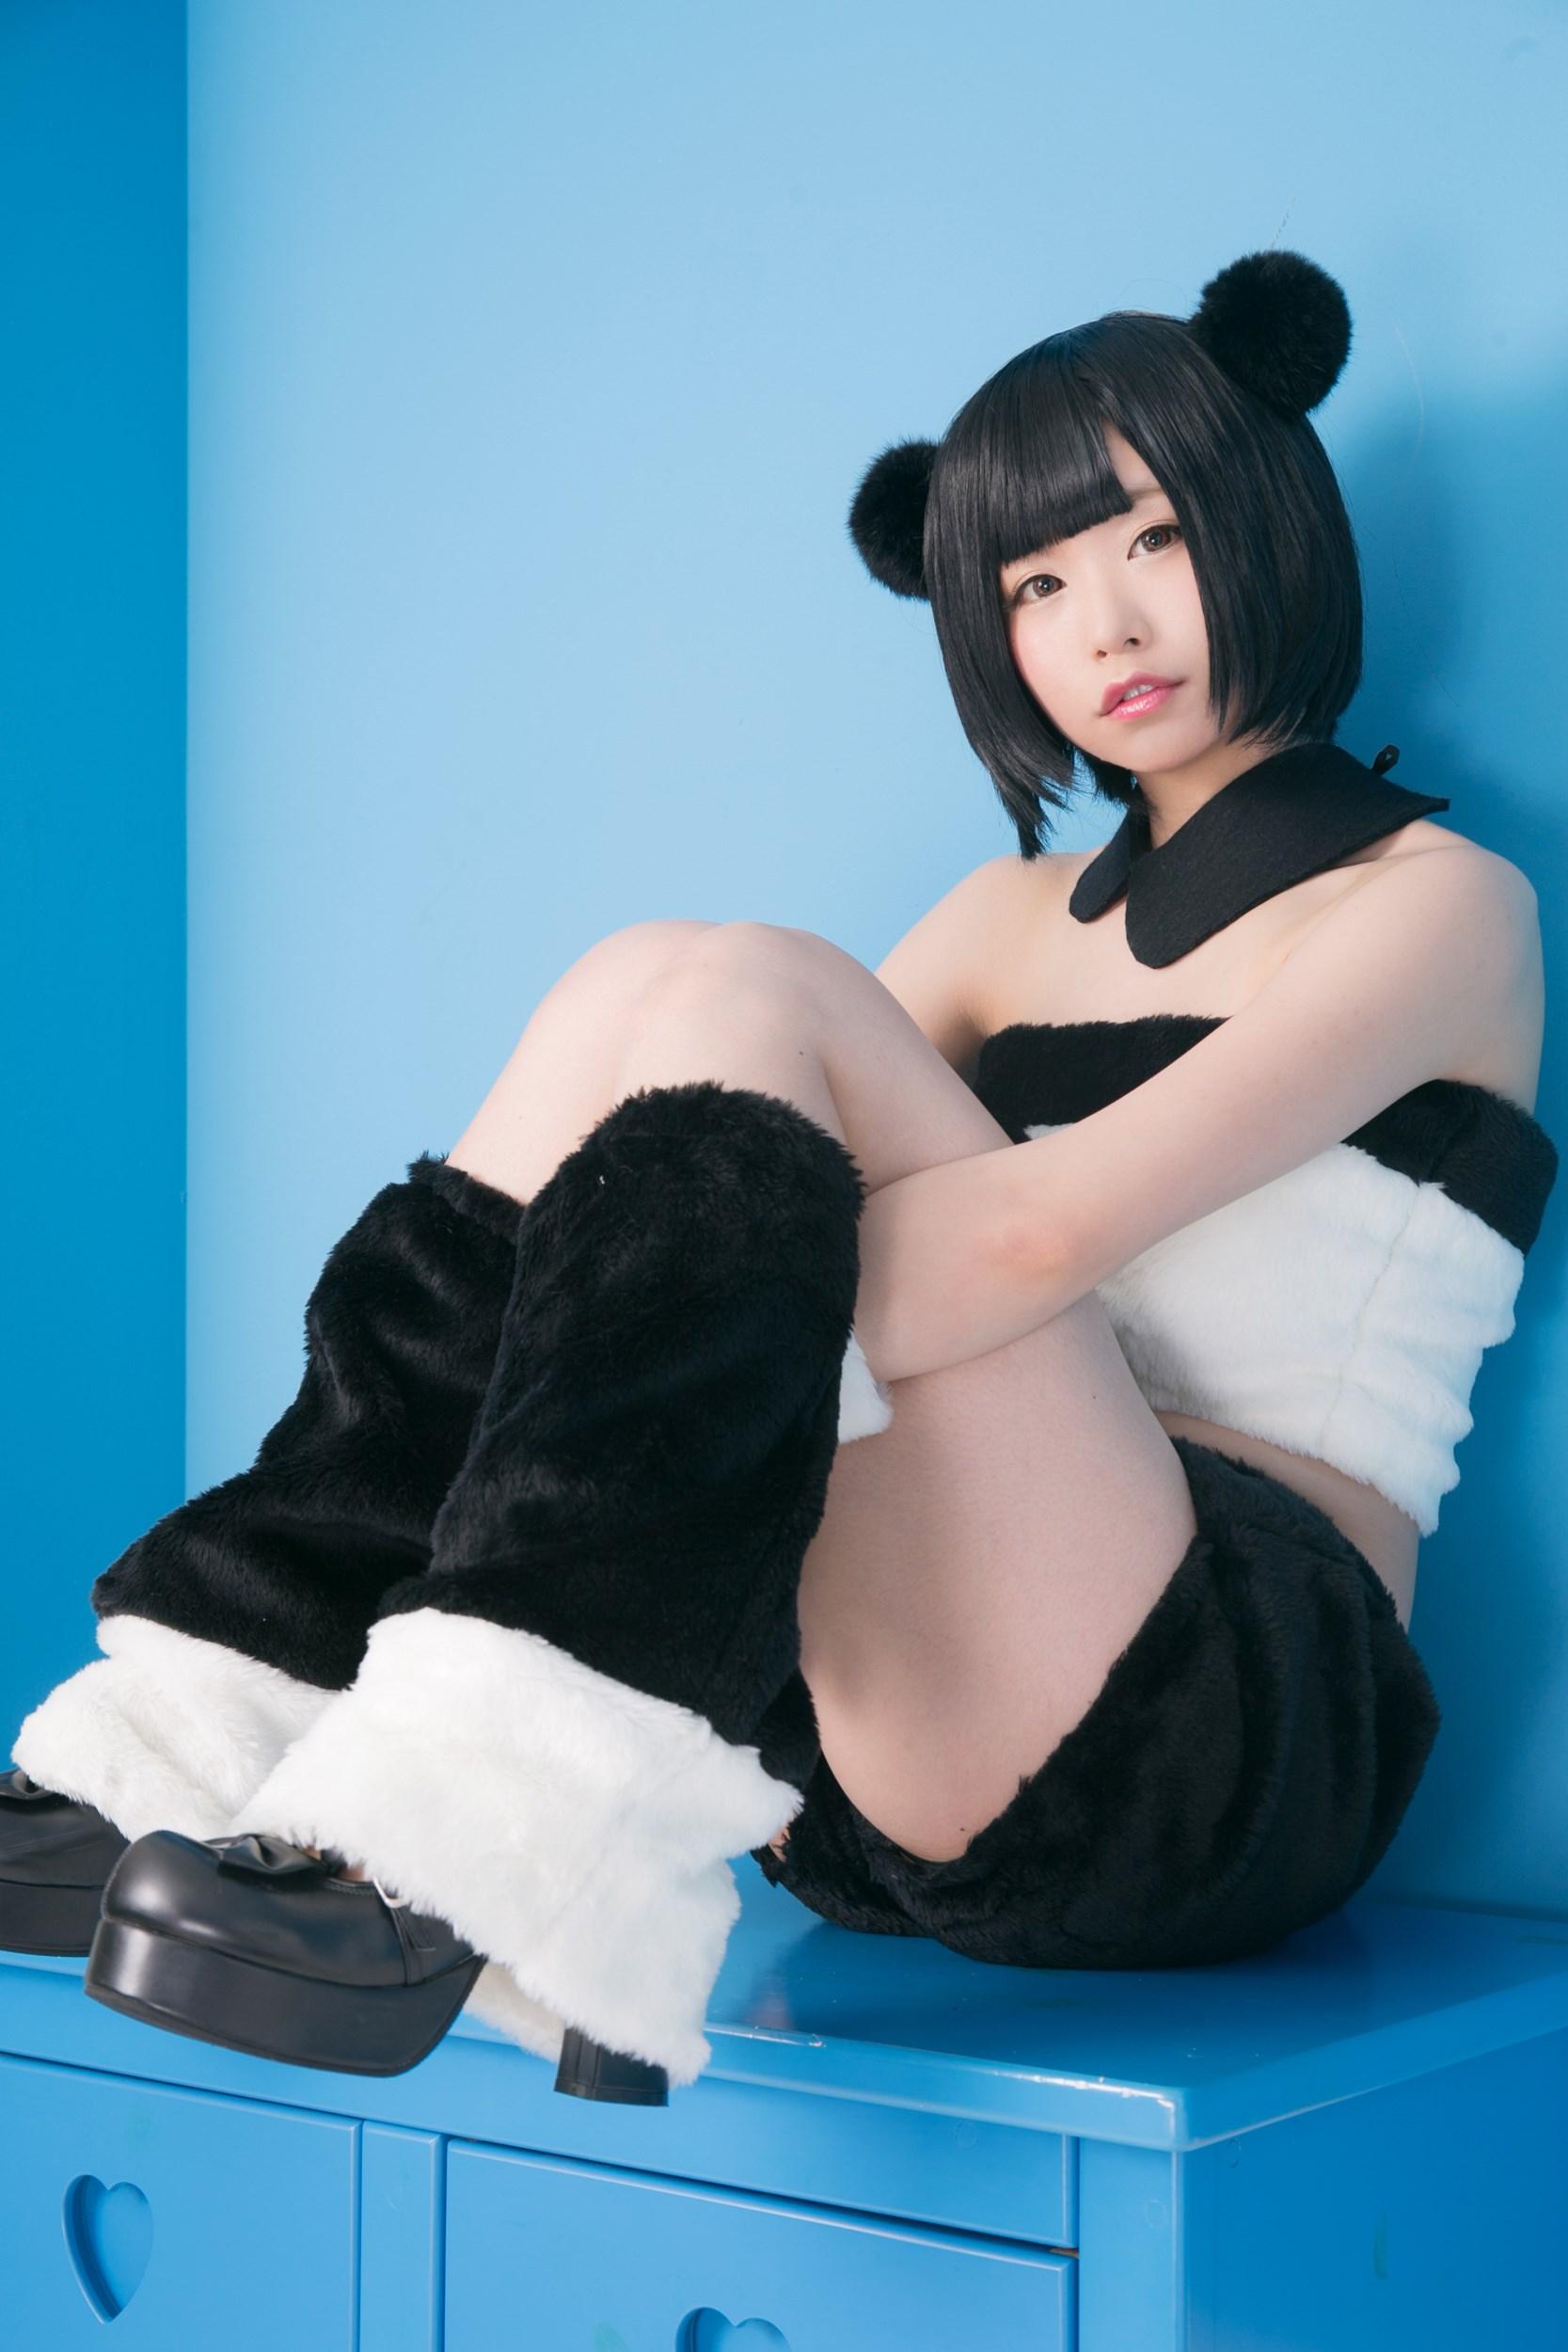 【兔玩映画】熊猫娘 兔玩映画 第25张